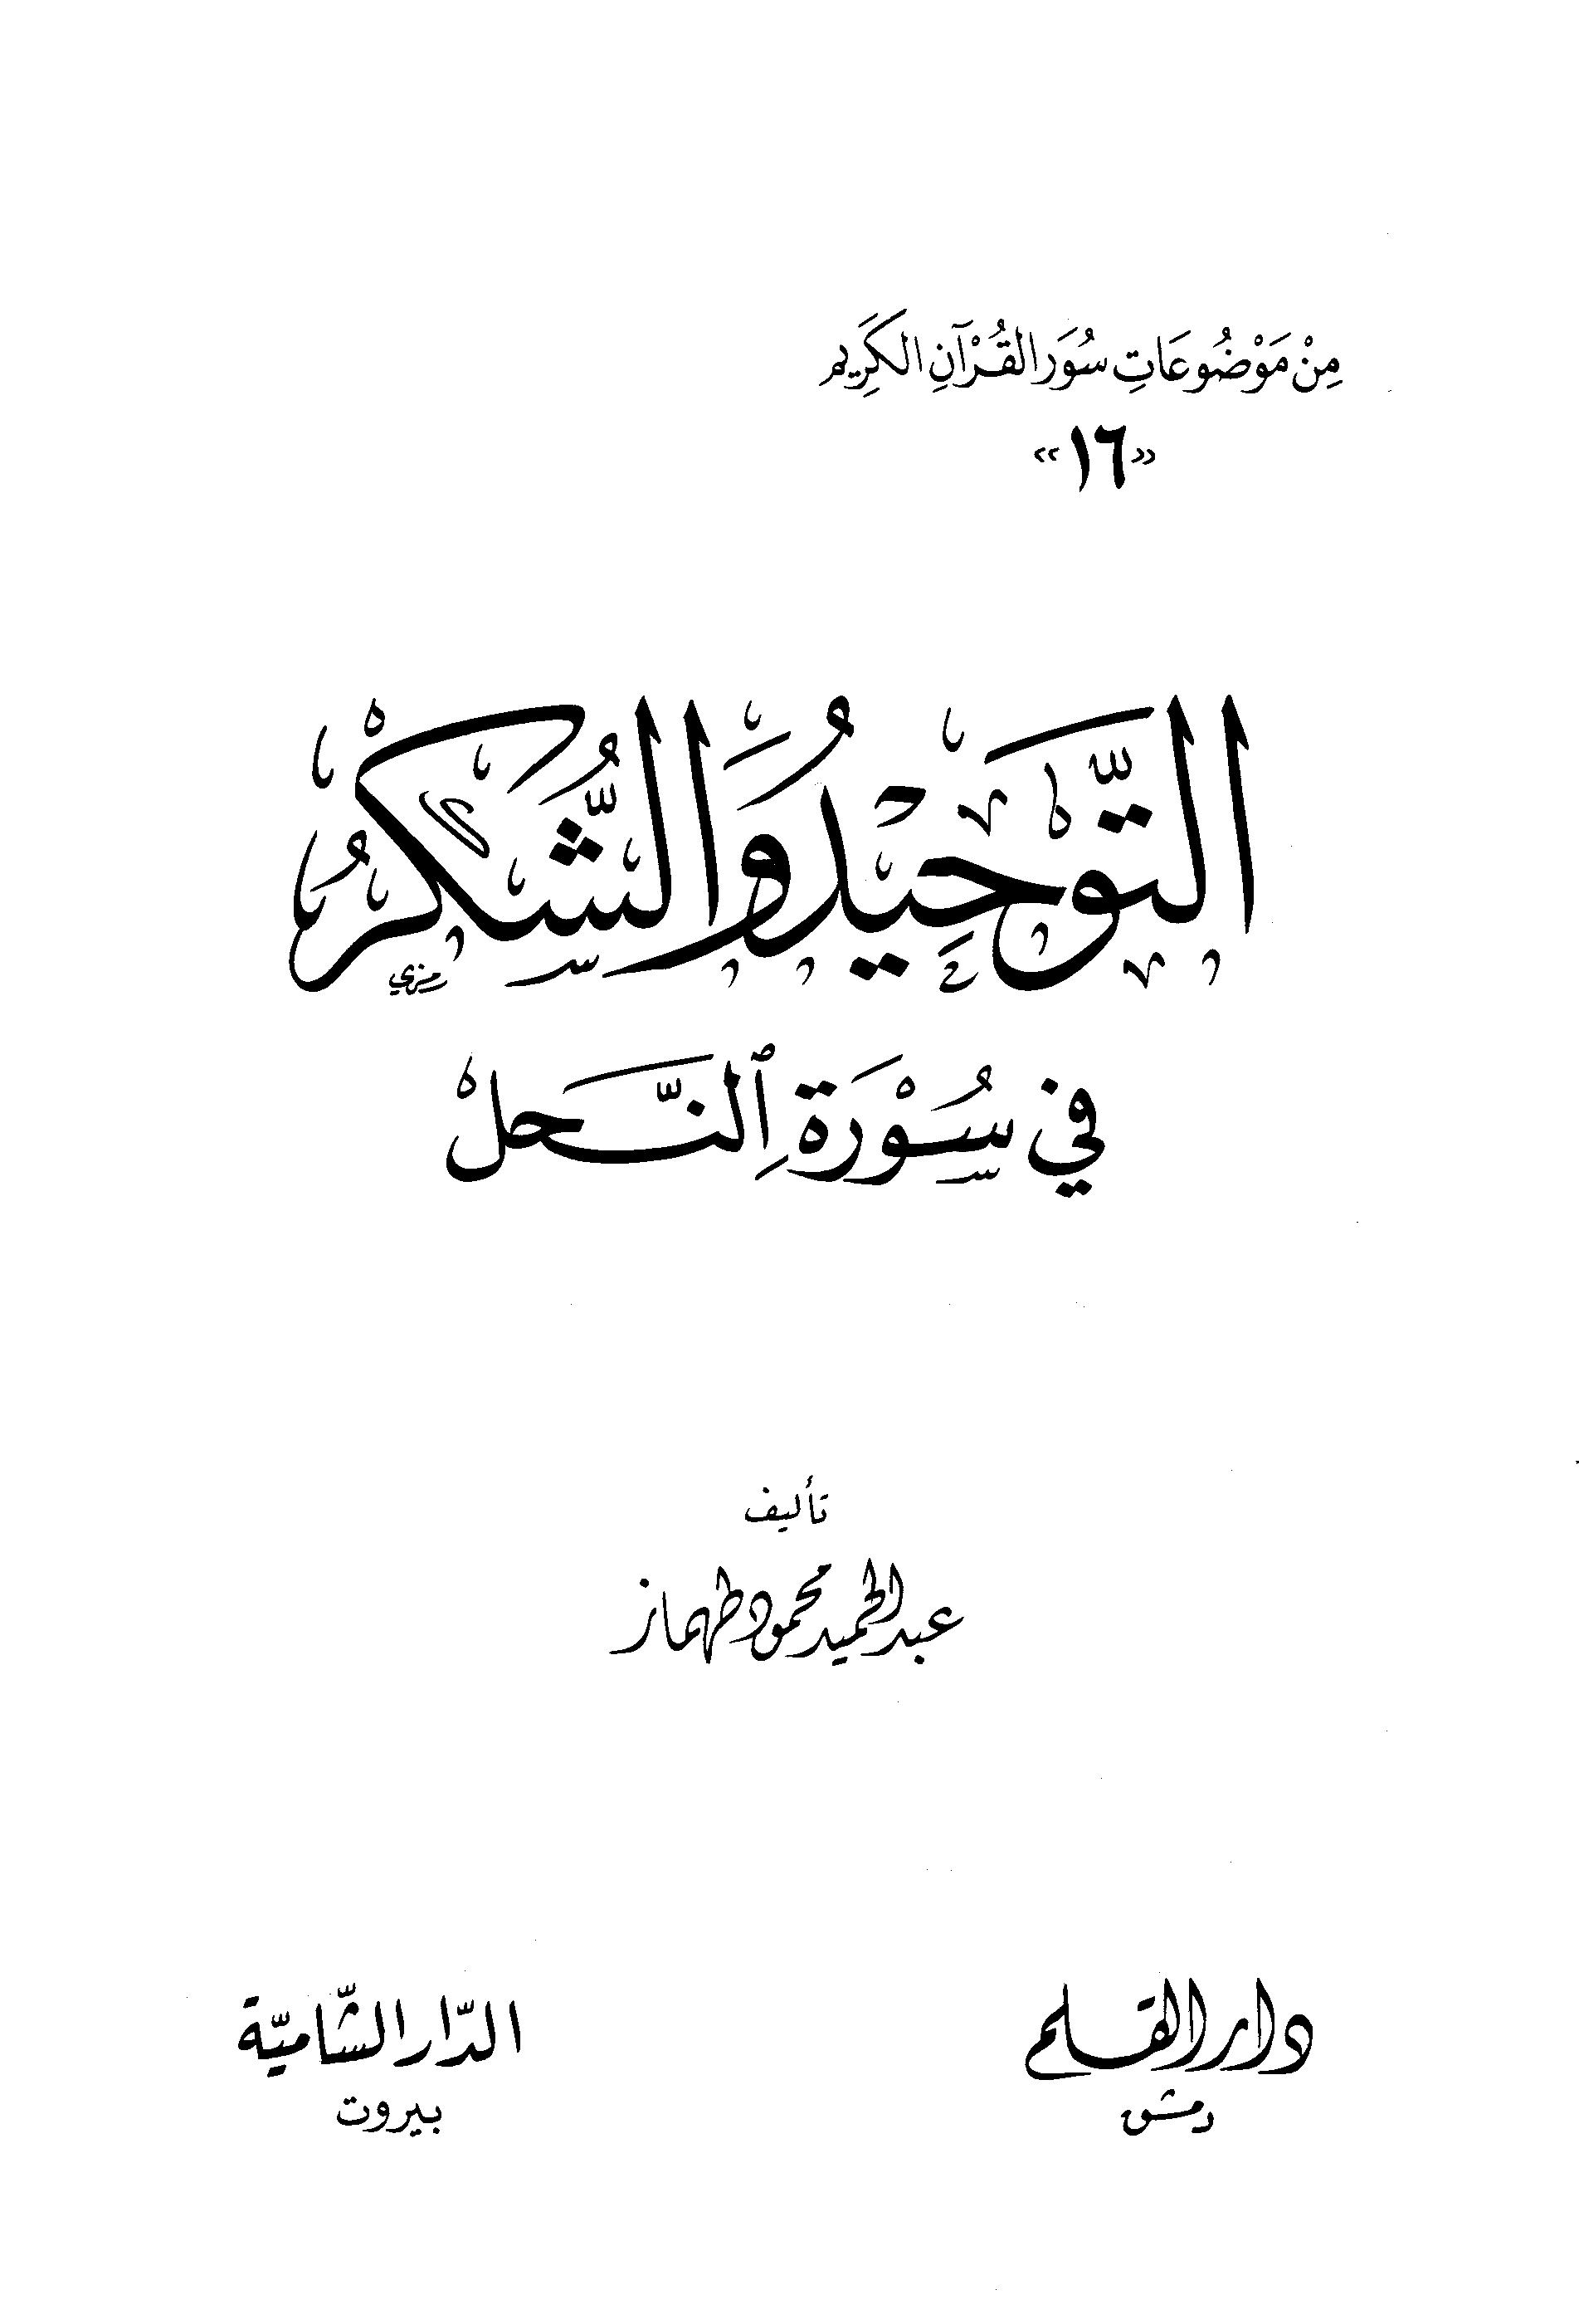 تحميل كتاب التوحيد والشكر في سورة النحل لـِ: الشيخ عبد الحميد بن محمود بن عبد القادر طهماز (ت 1431)